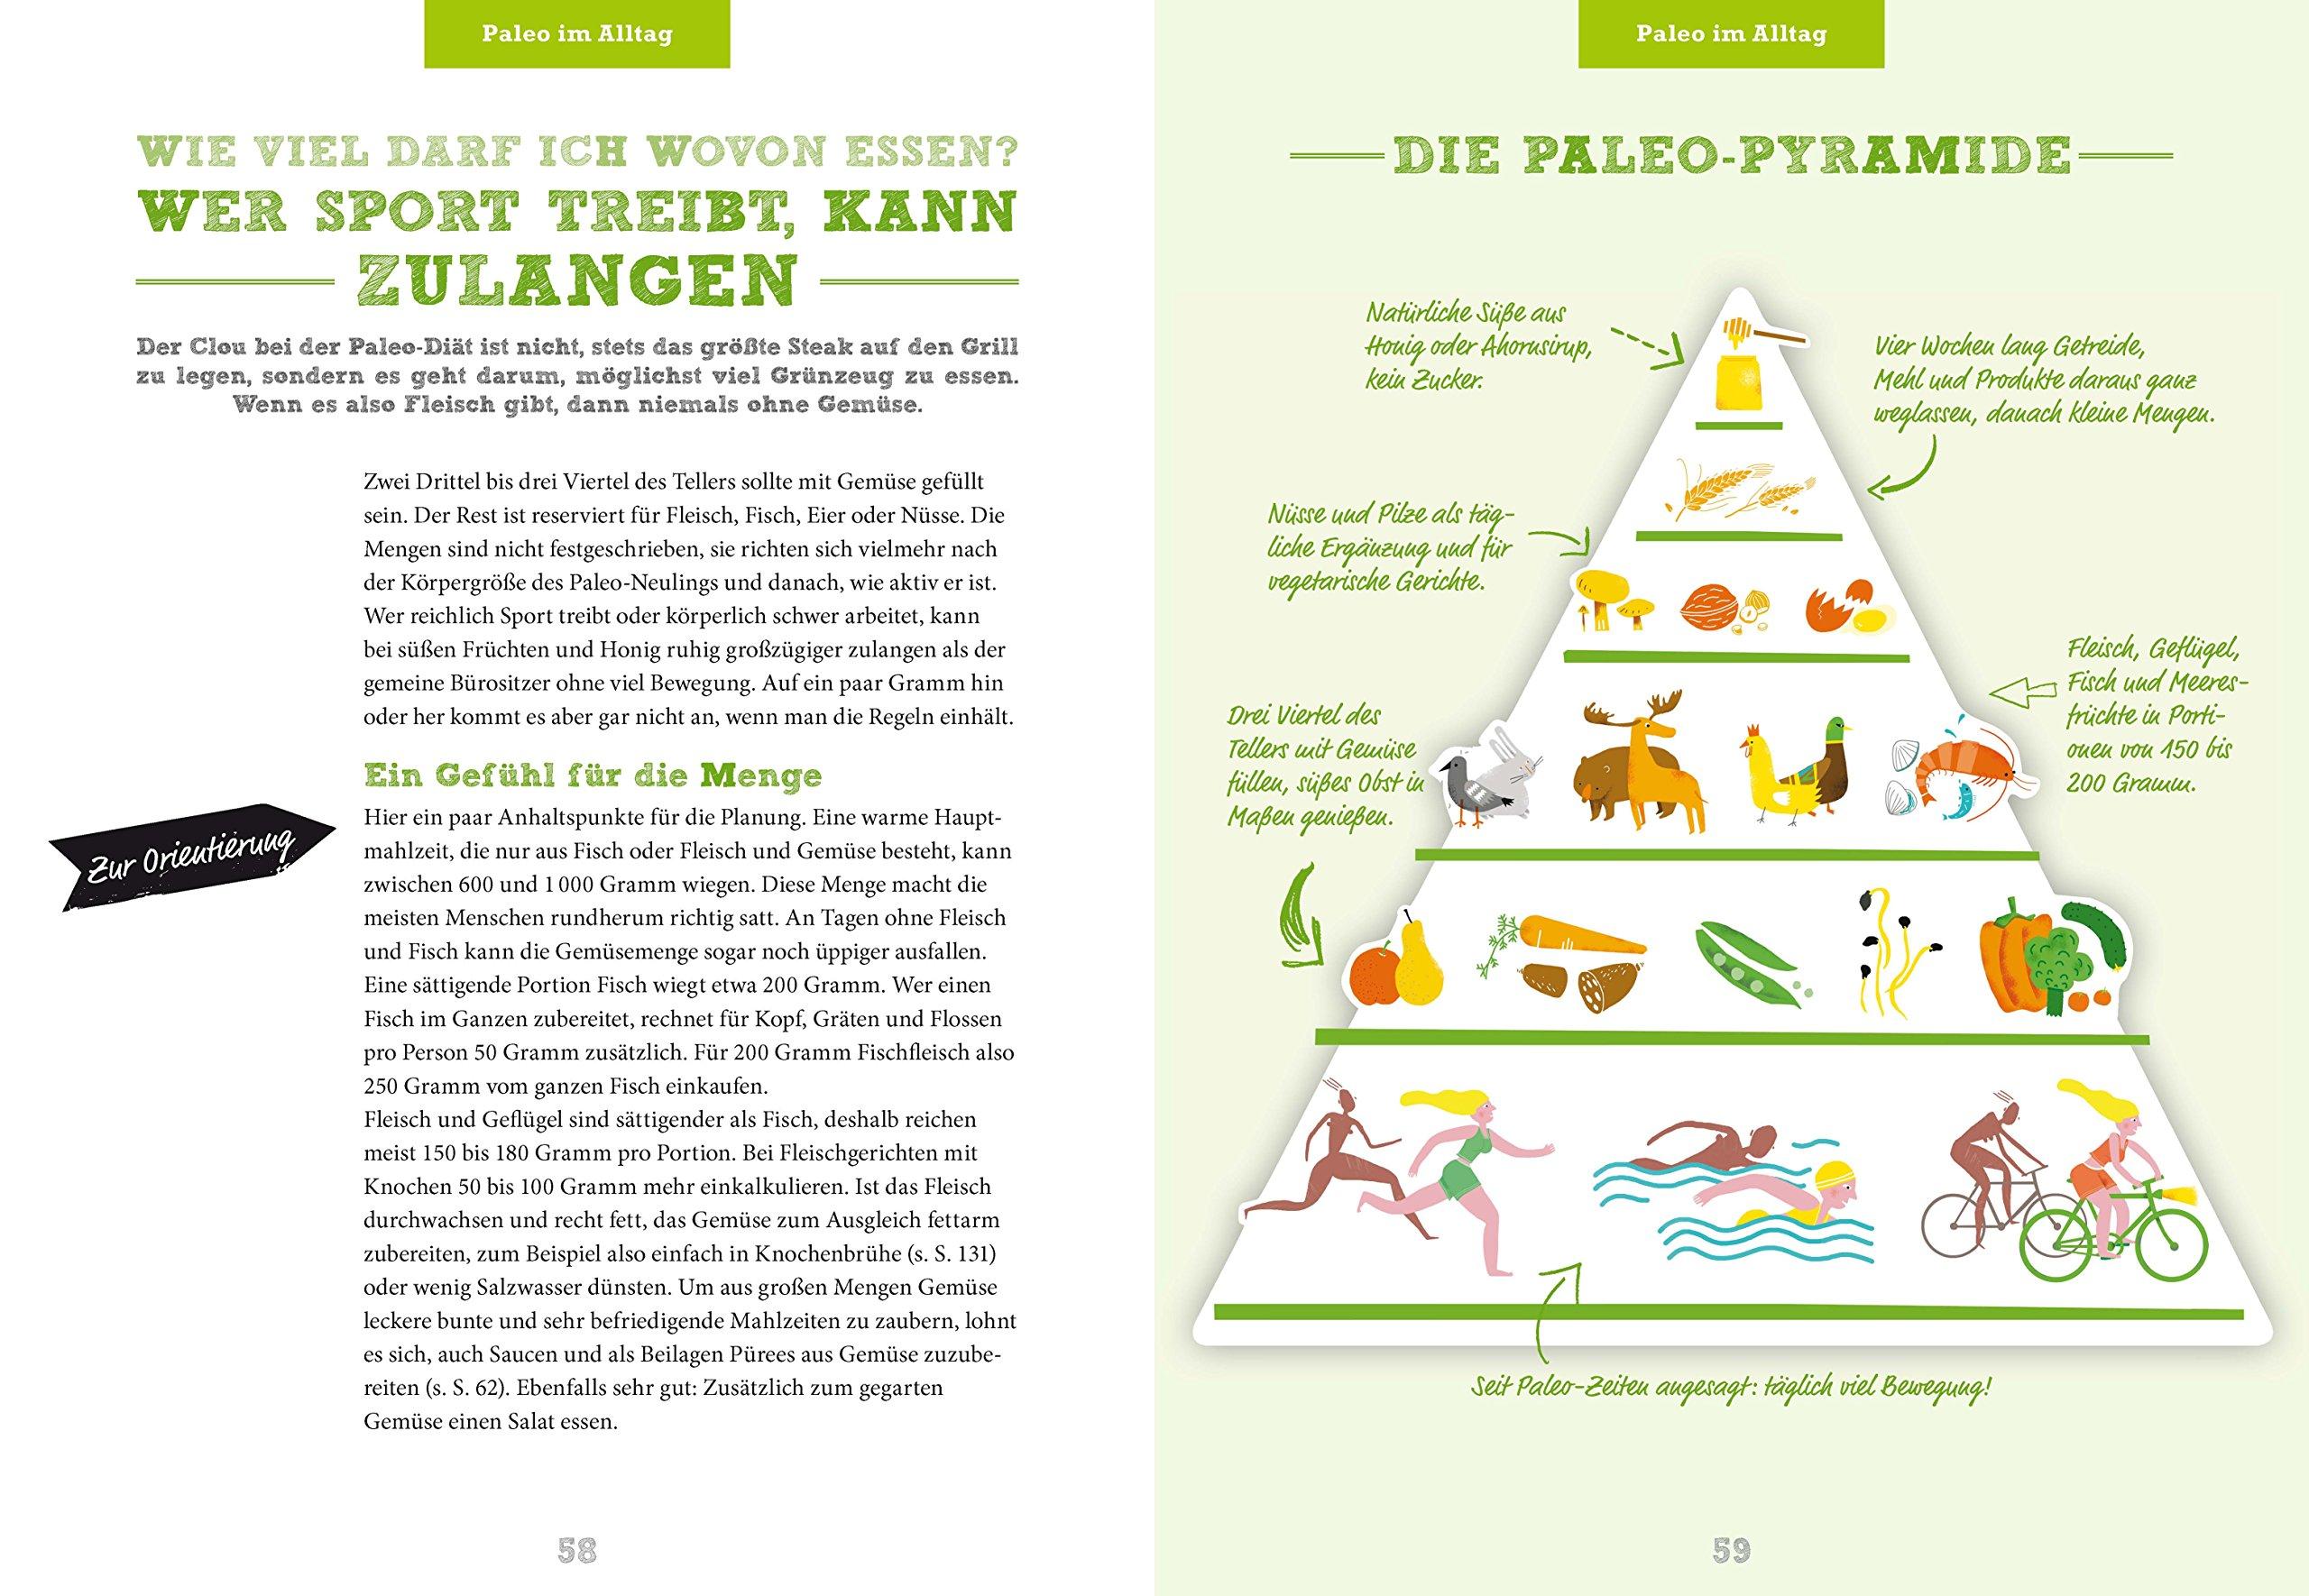 Das Paläo-Diätbuch